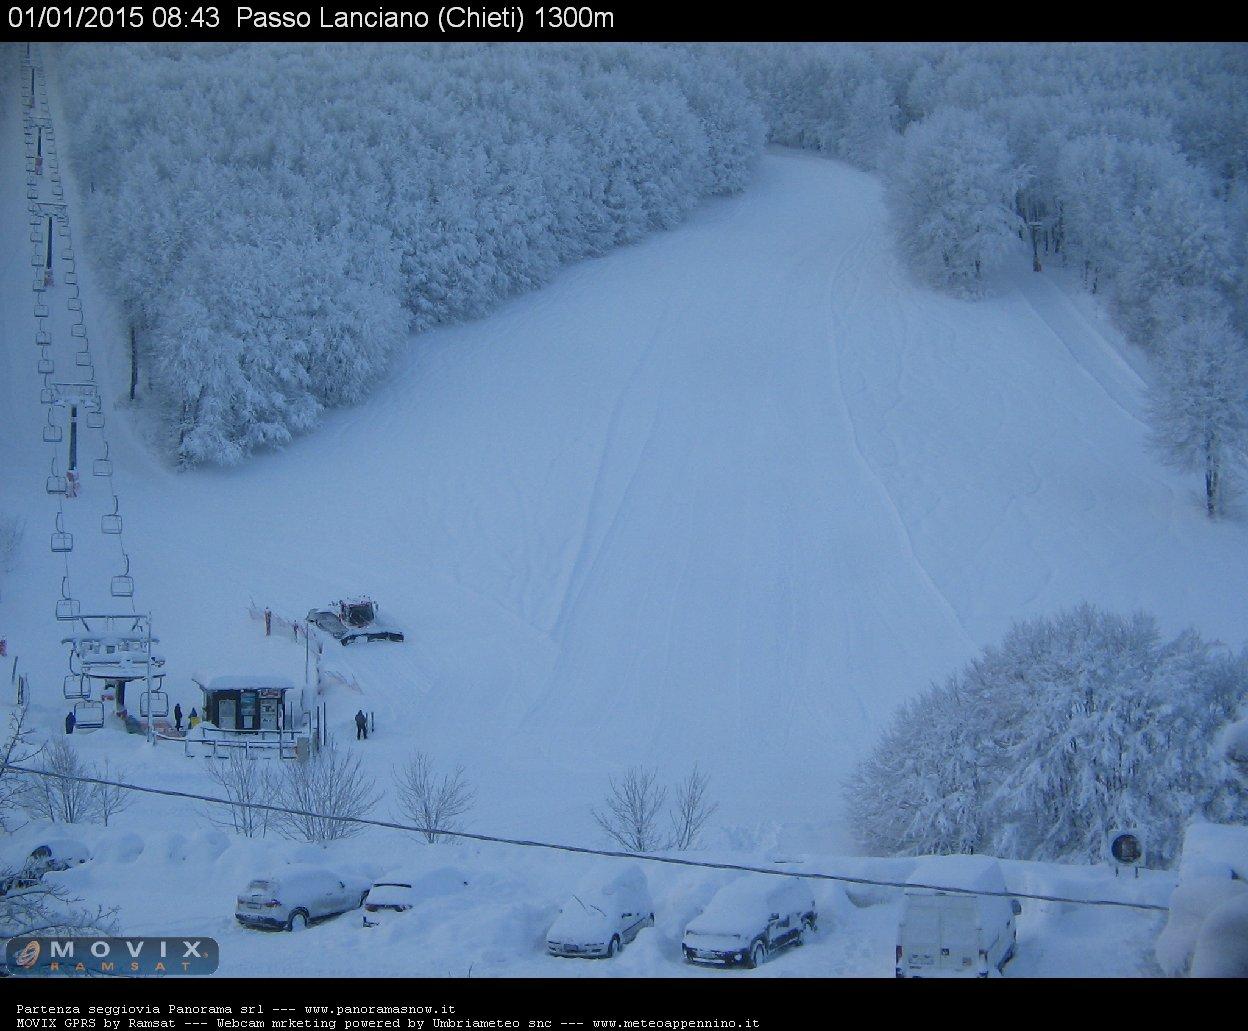 Nowcasting nivoglaciale Appennini dall' inverno 2014 all'inverno 2015-passo-lanciano-1-genn-14.jpg